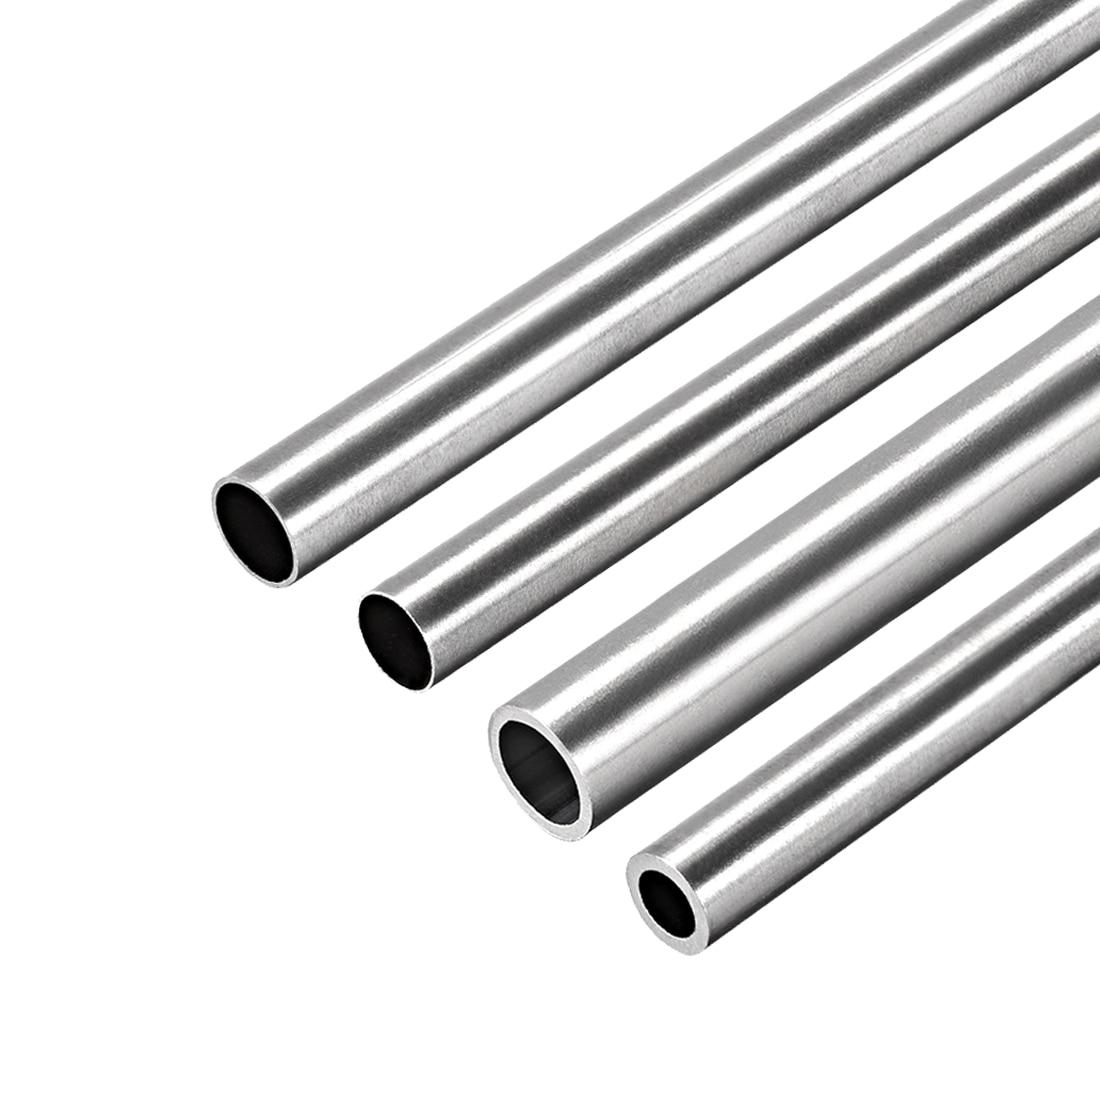 Uxcell 1 шт 304 нержавеющая сталь круглые трубки 6 мм-10 мм OD 250 мм длина Бесшовные прямые трубы